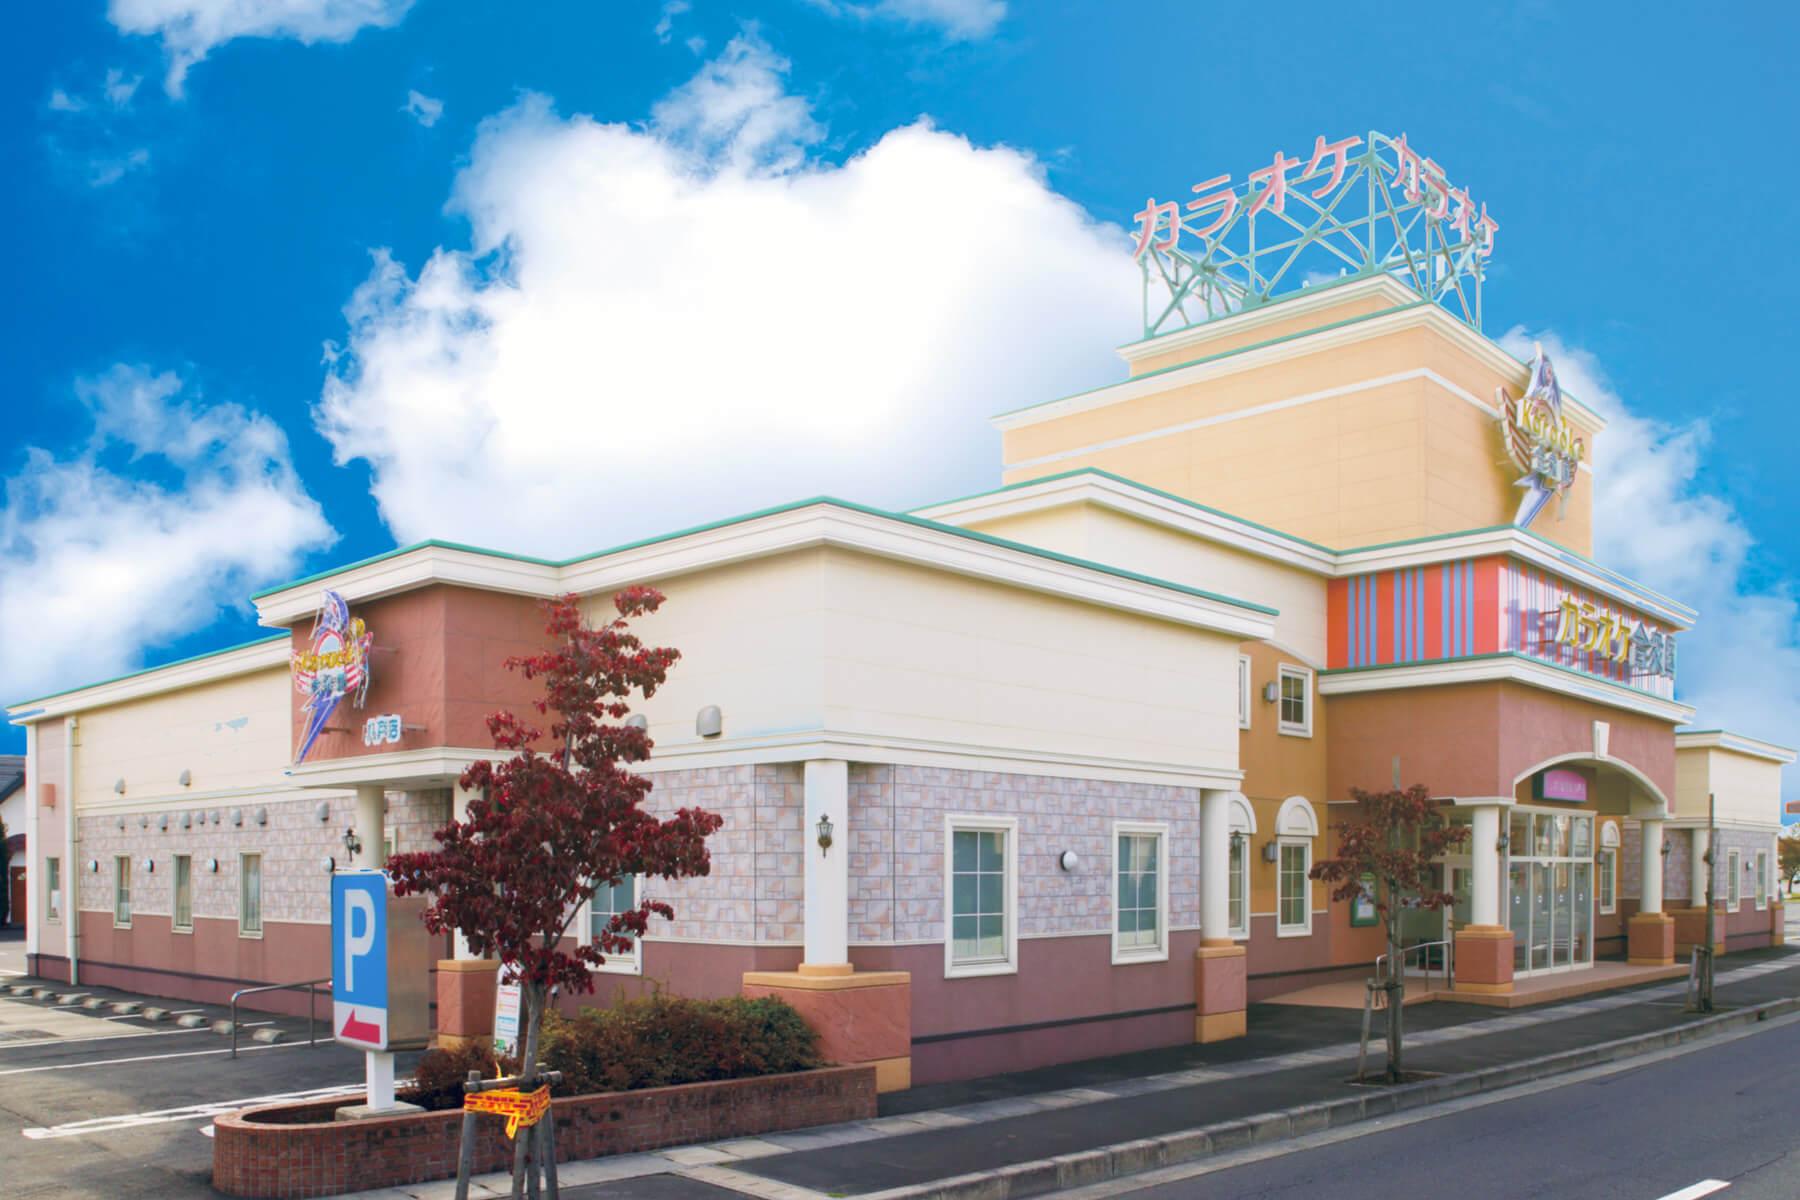 カラオケ合衆国 八戸店のイメージ